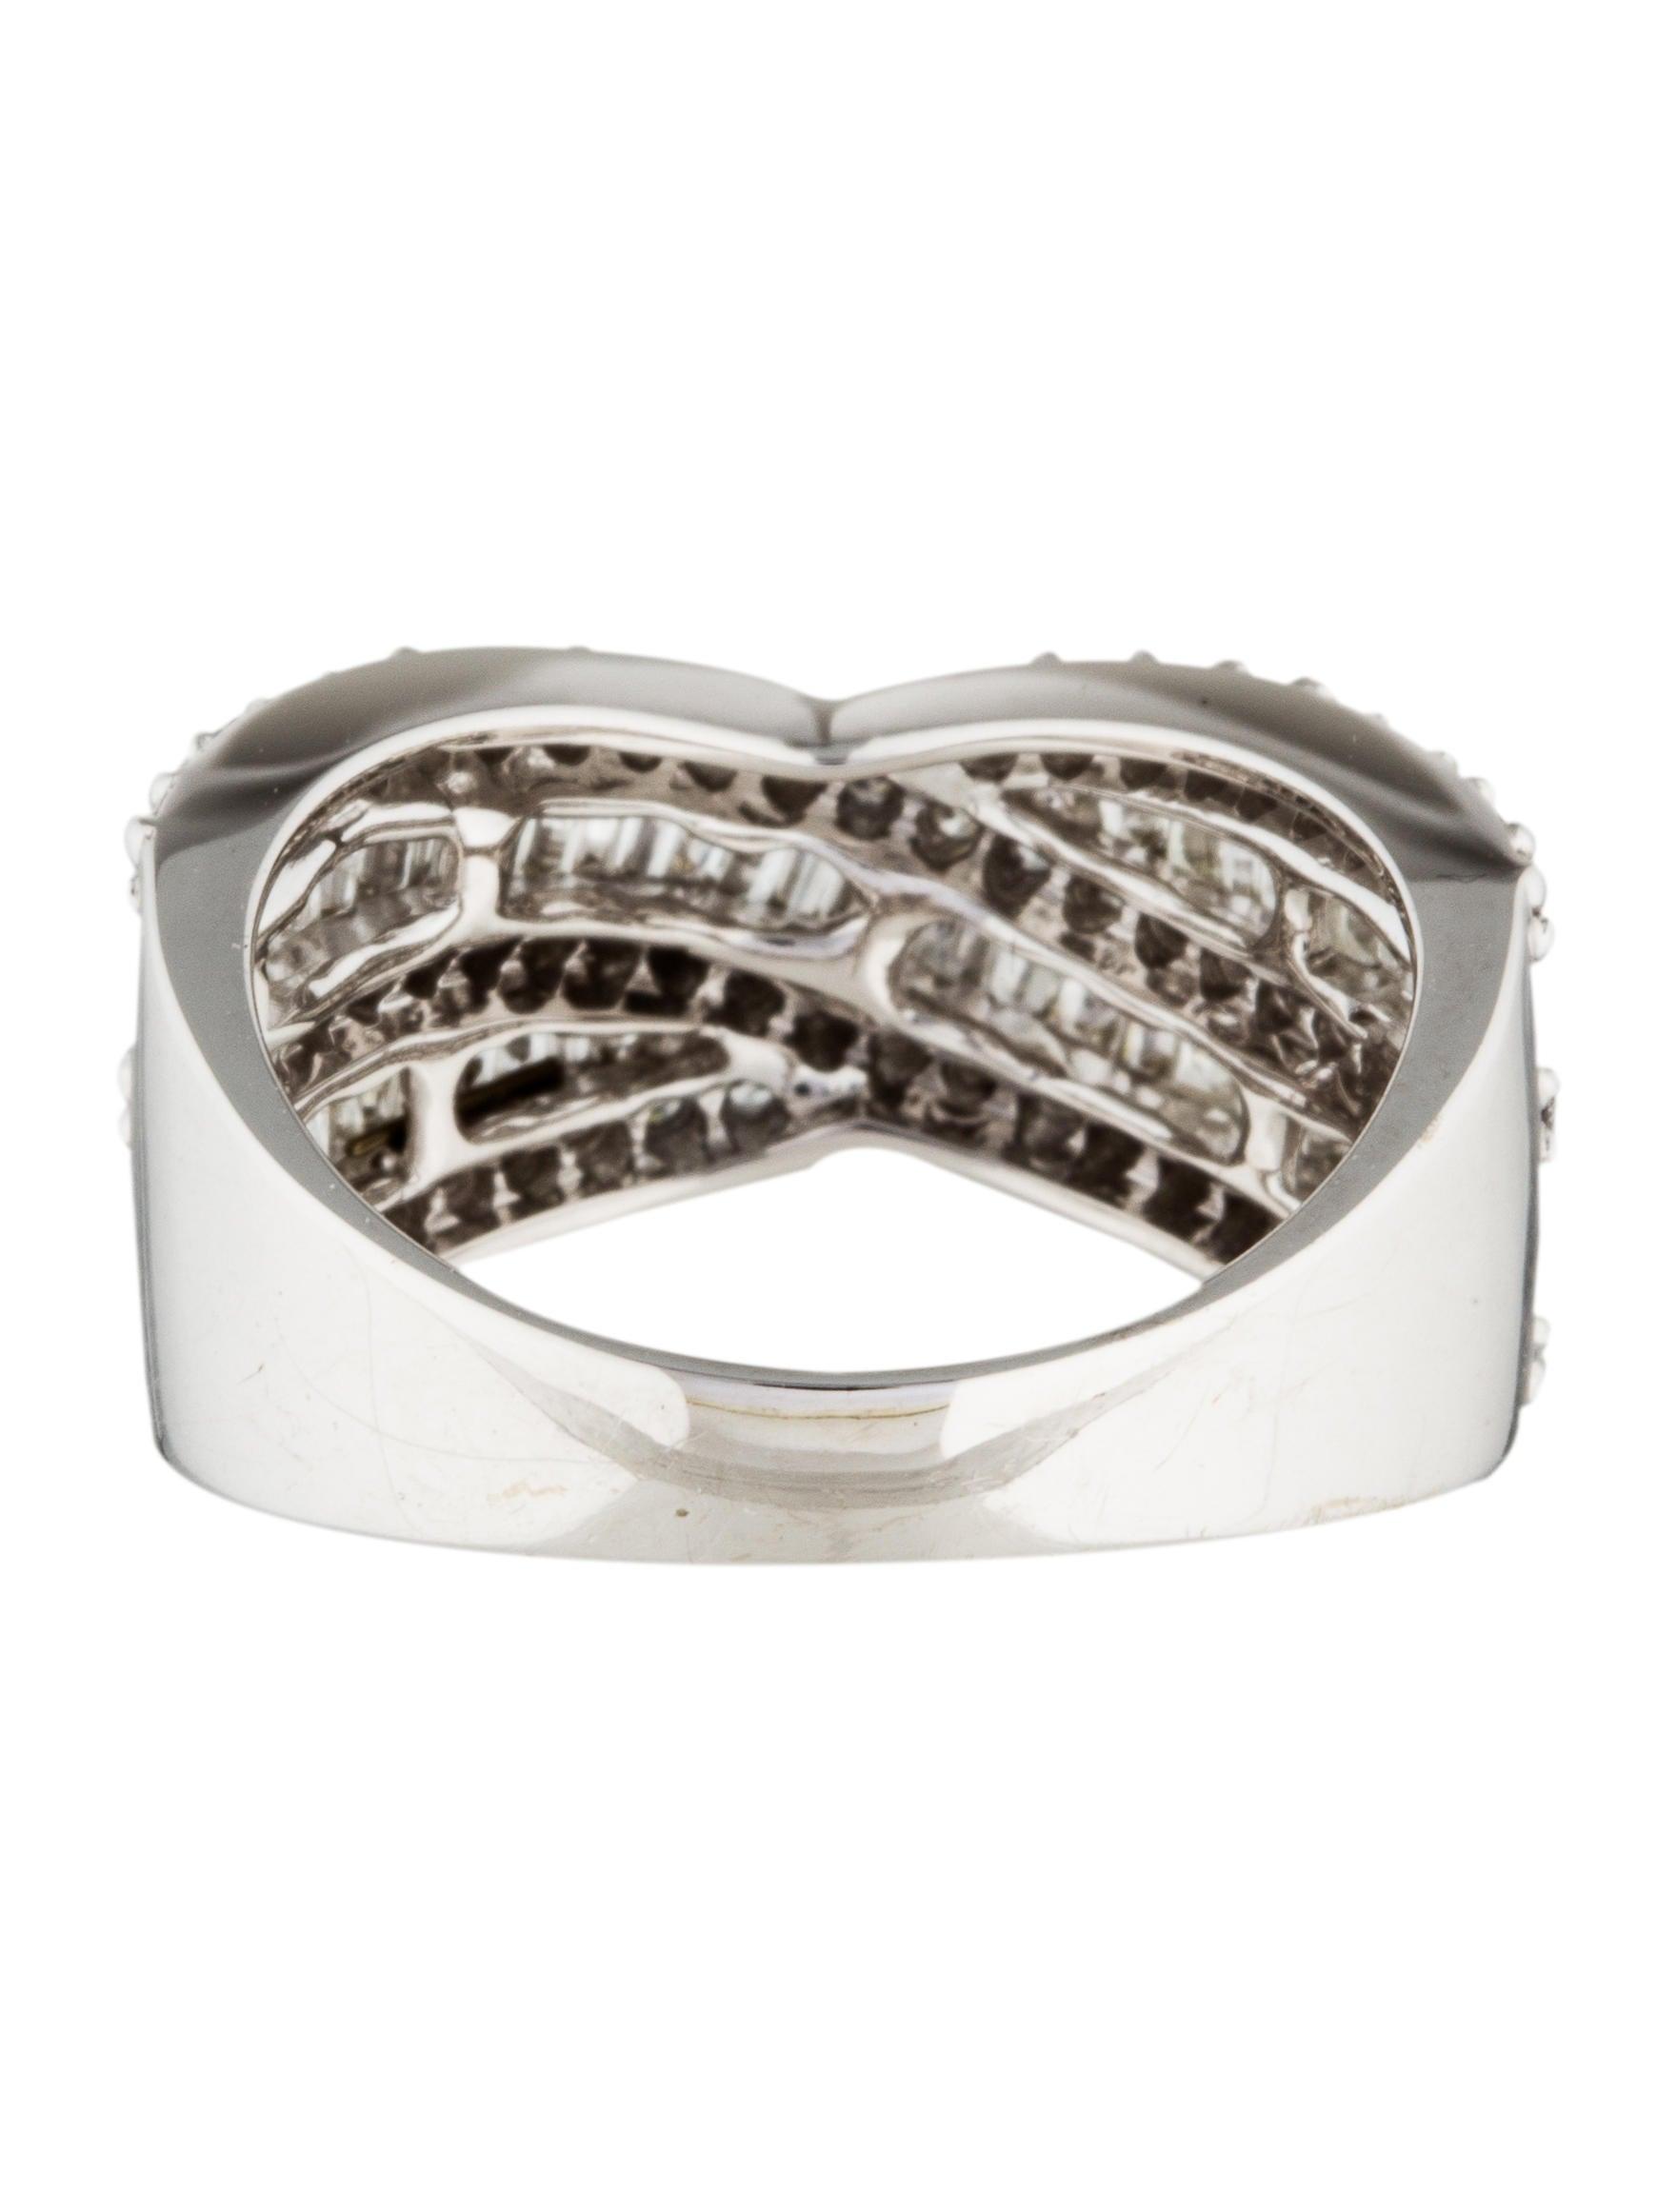 14k cross ring rings rring34176 the